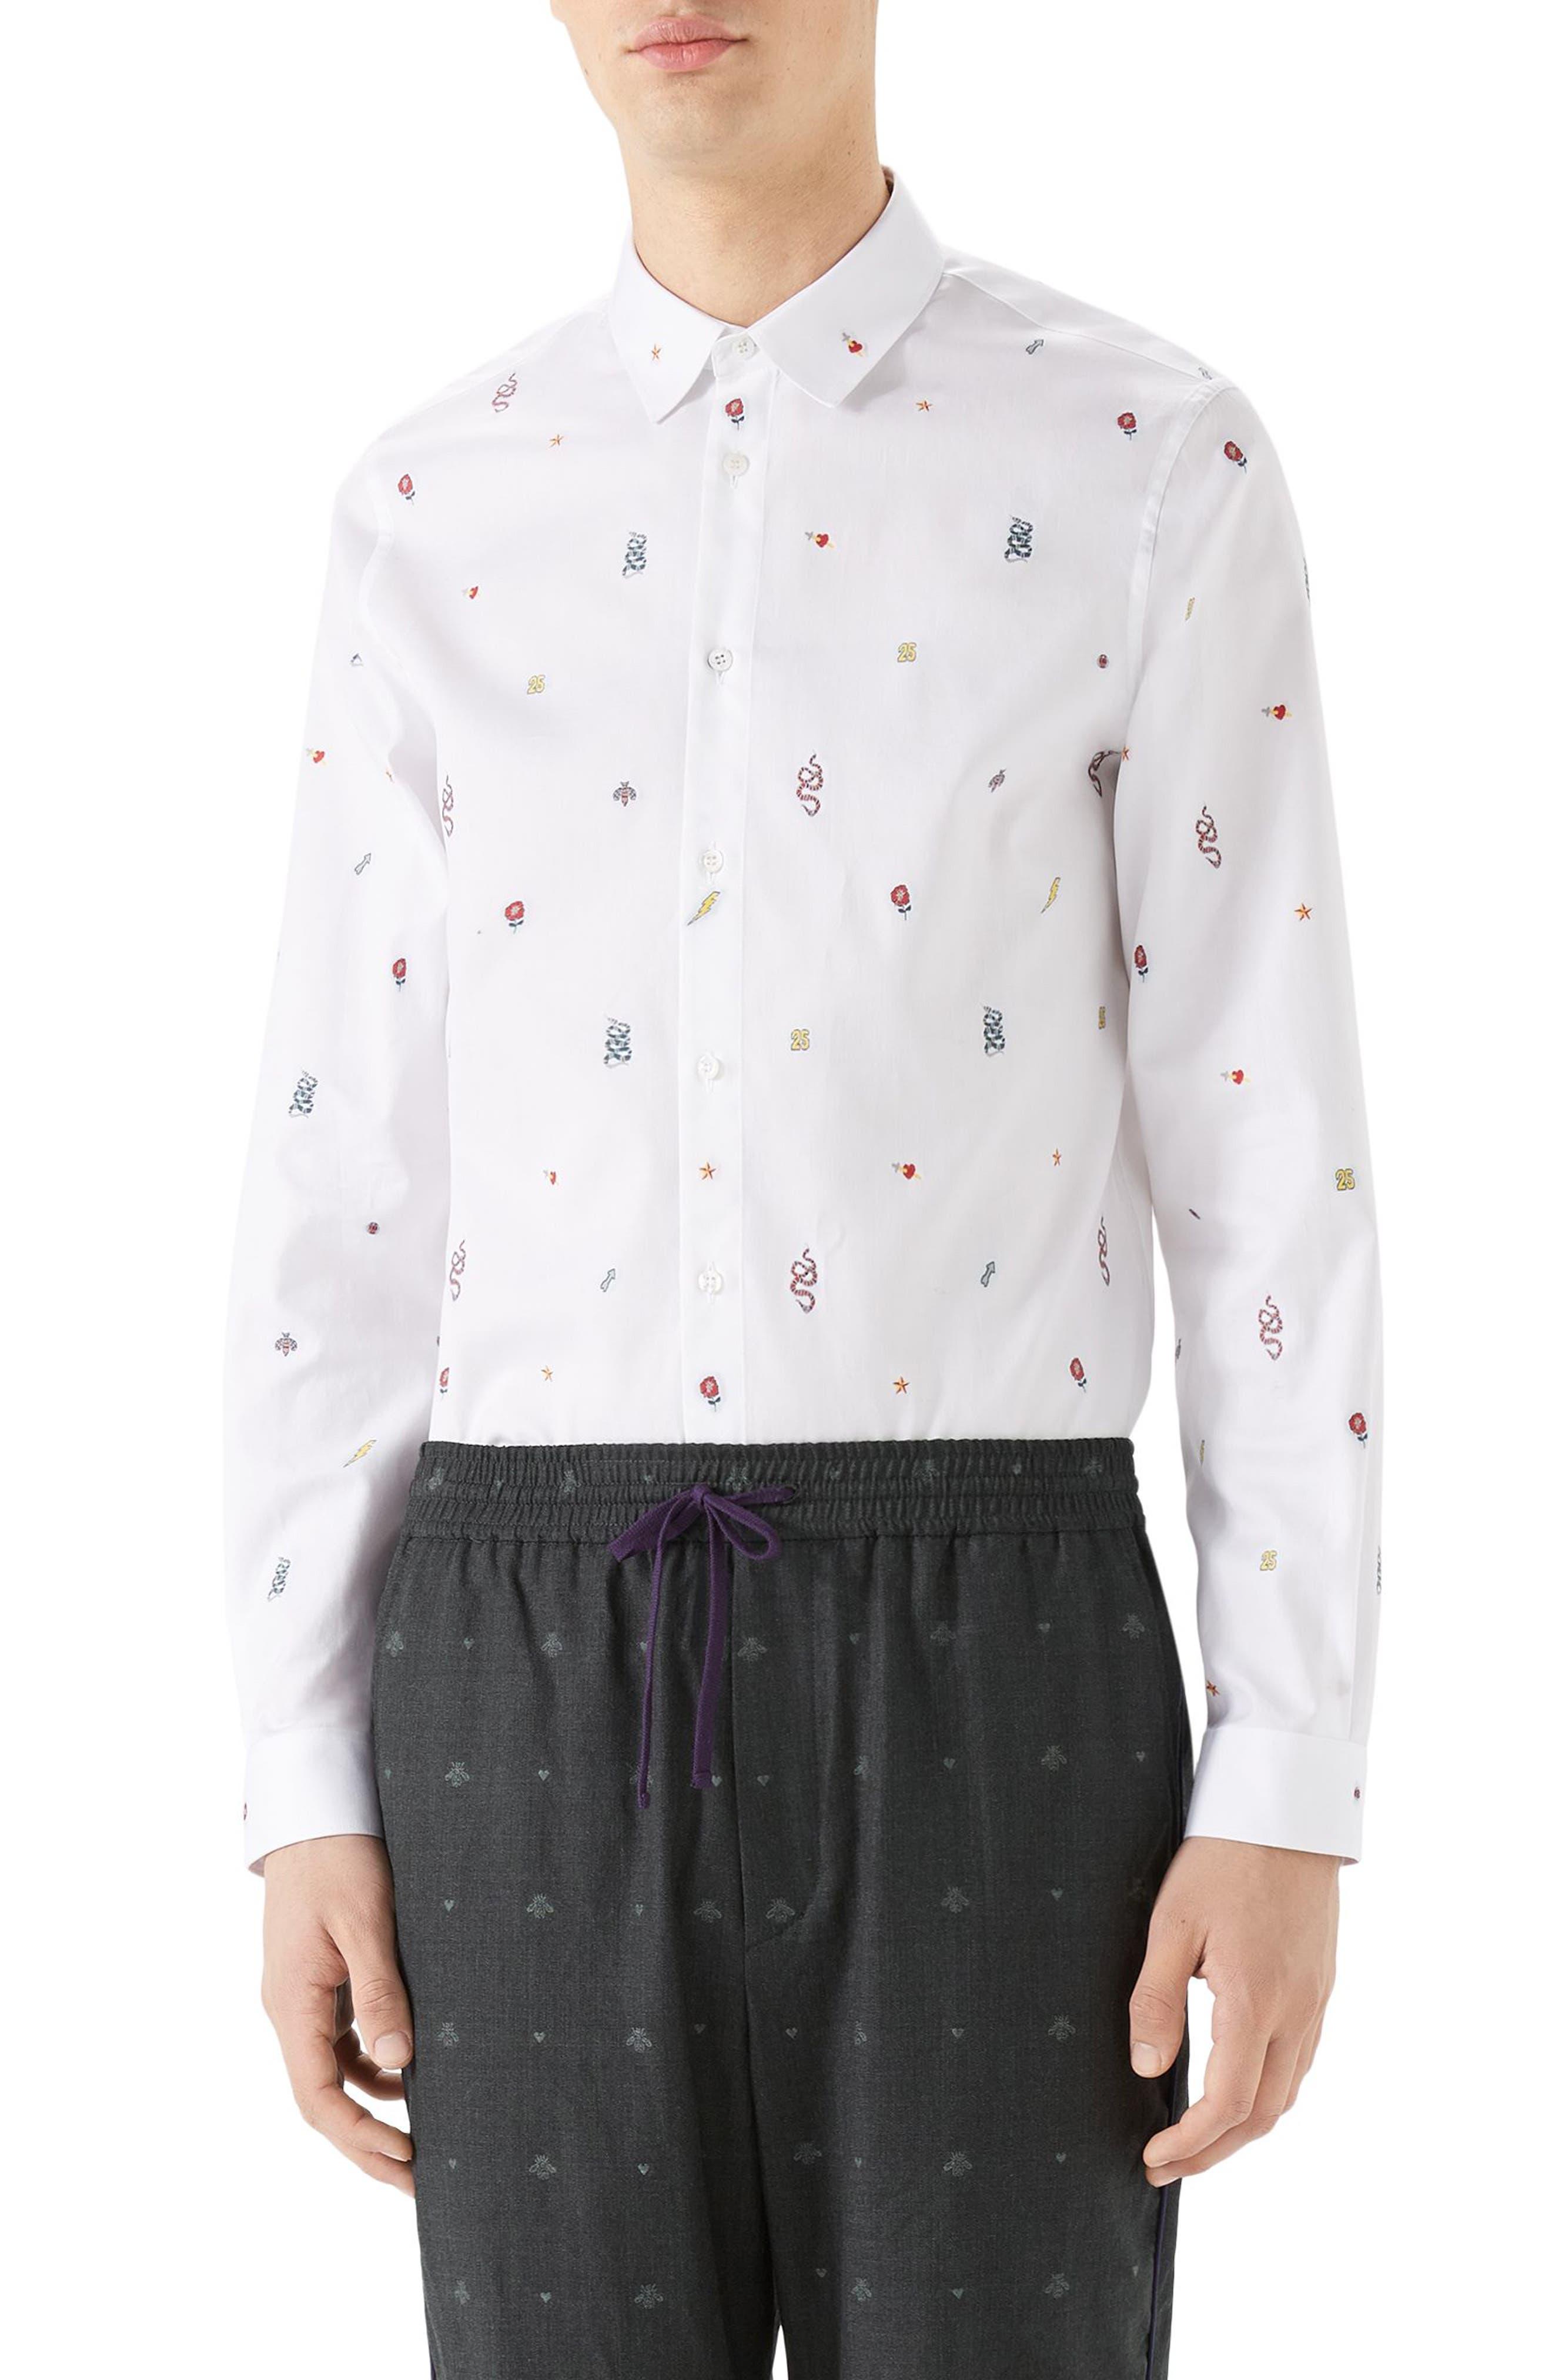 Iconic Elements Fil Coupé Sport Shirt,                         Main,                         color, White